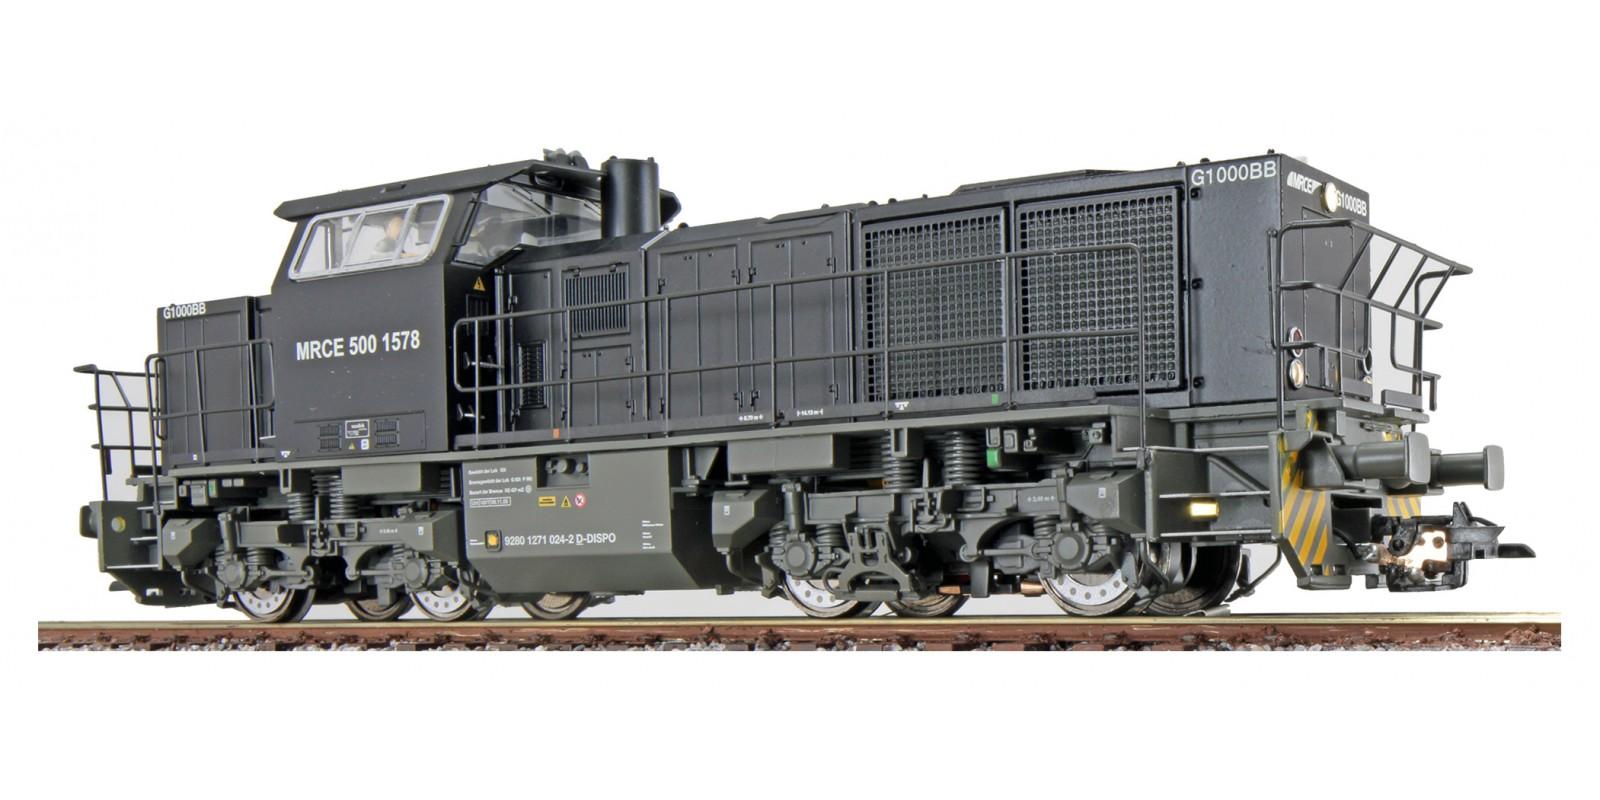 ES31300 Gauge H0 Diesel locomotive G1000 of the MRCE, epoch VI with sound